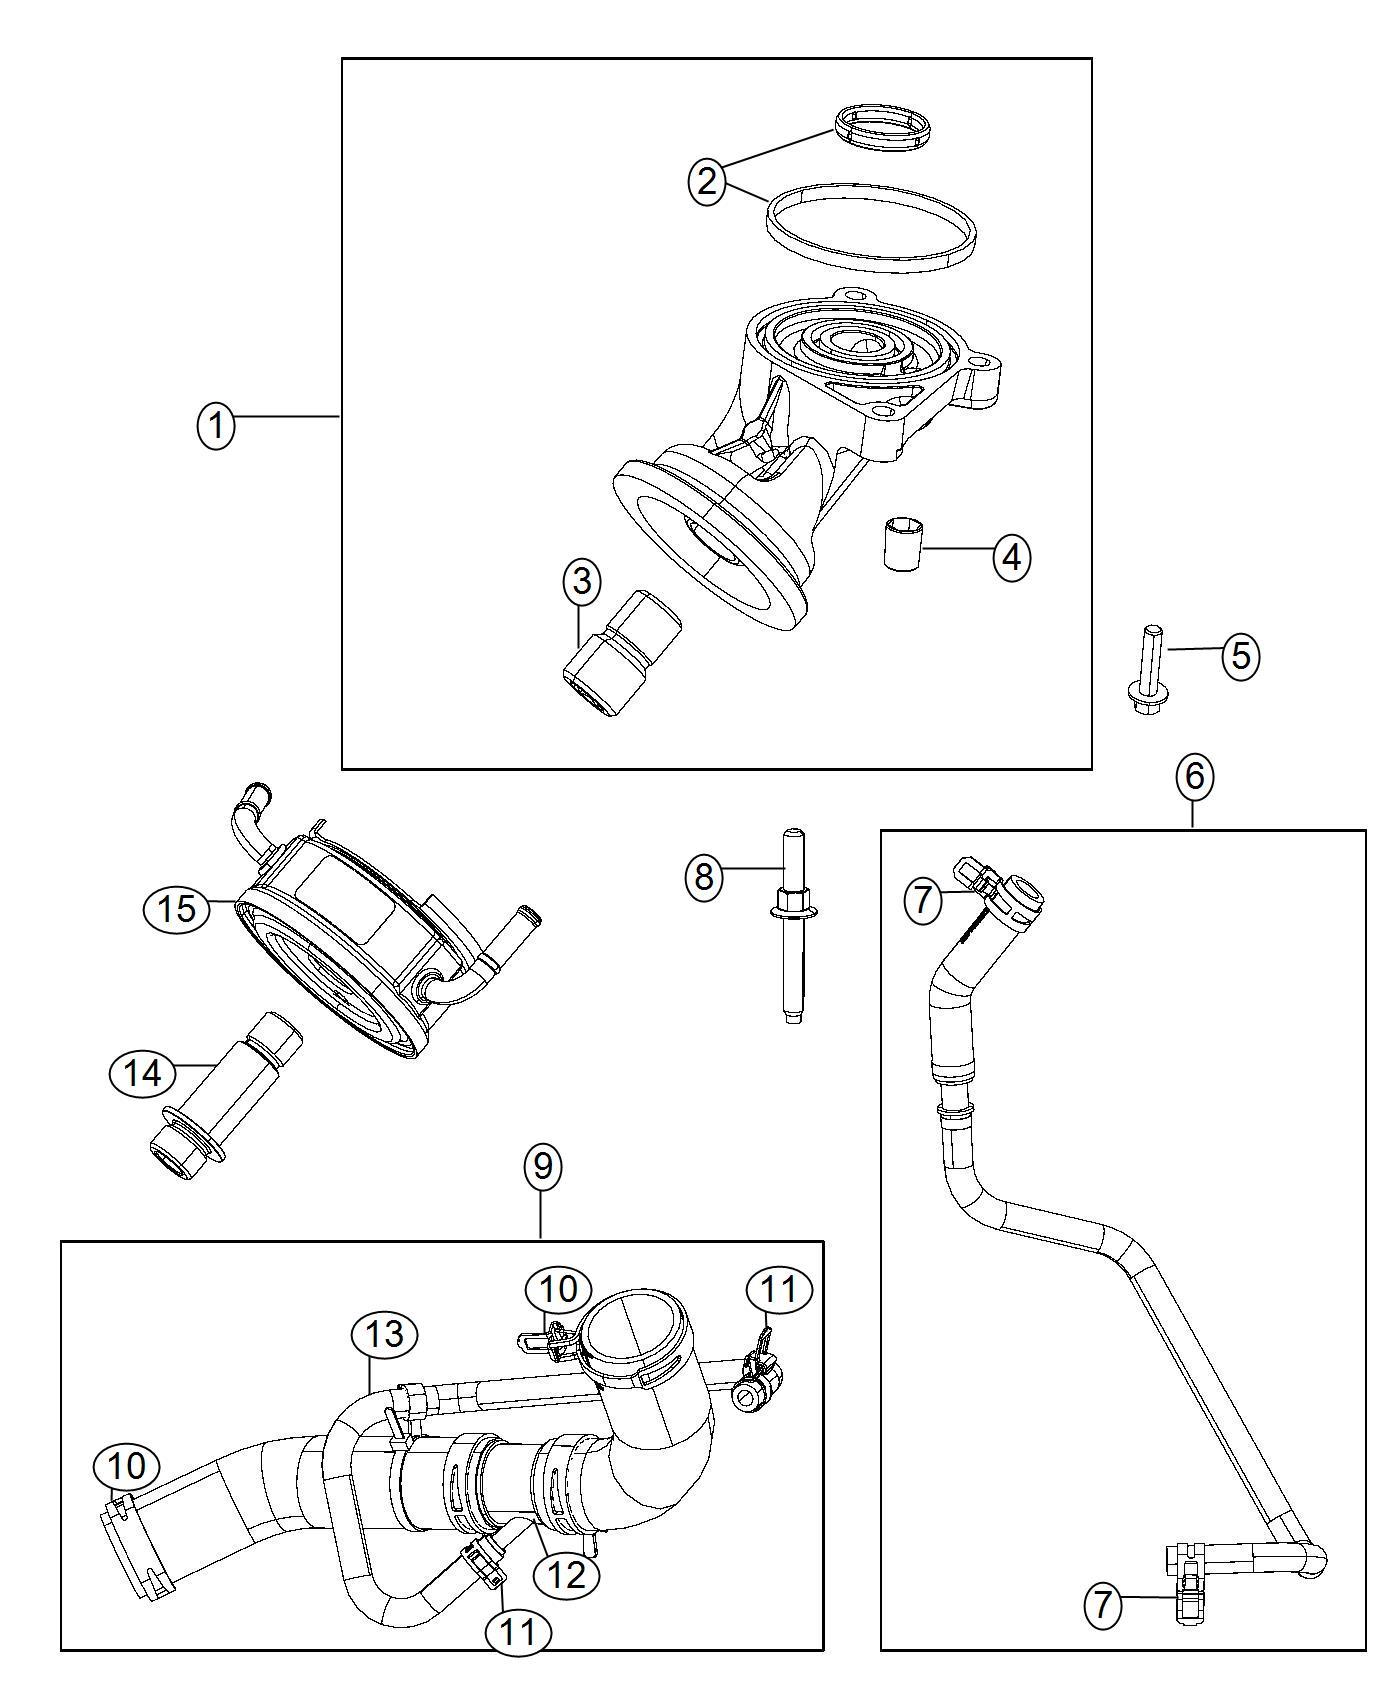 2012 Dodge Ram 1500 Hose. Oil cooler inlet. Engine, hoses